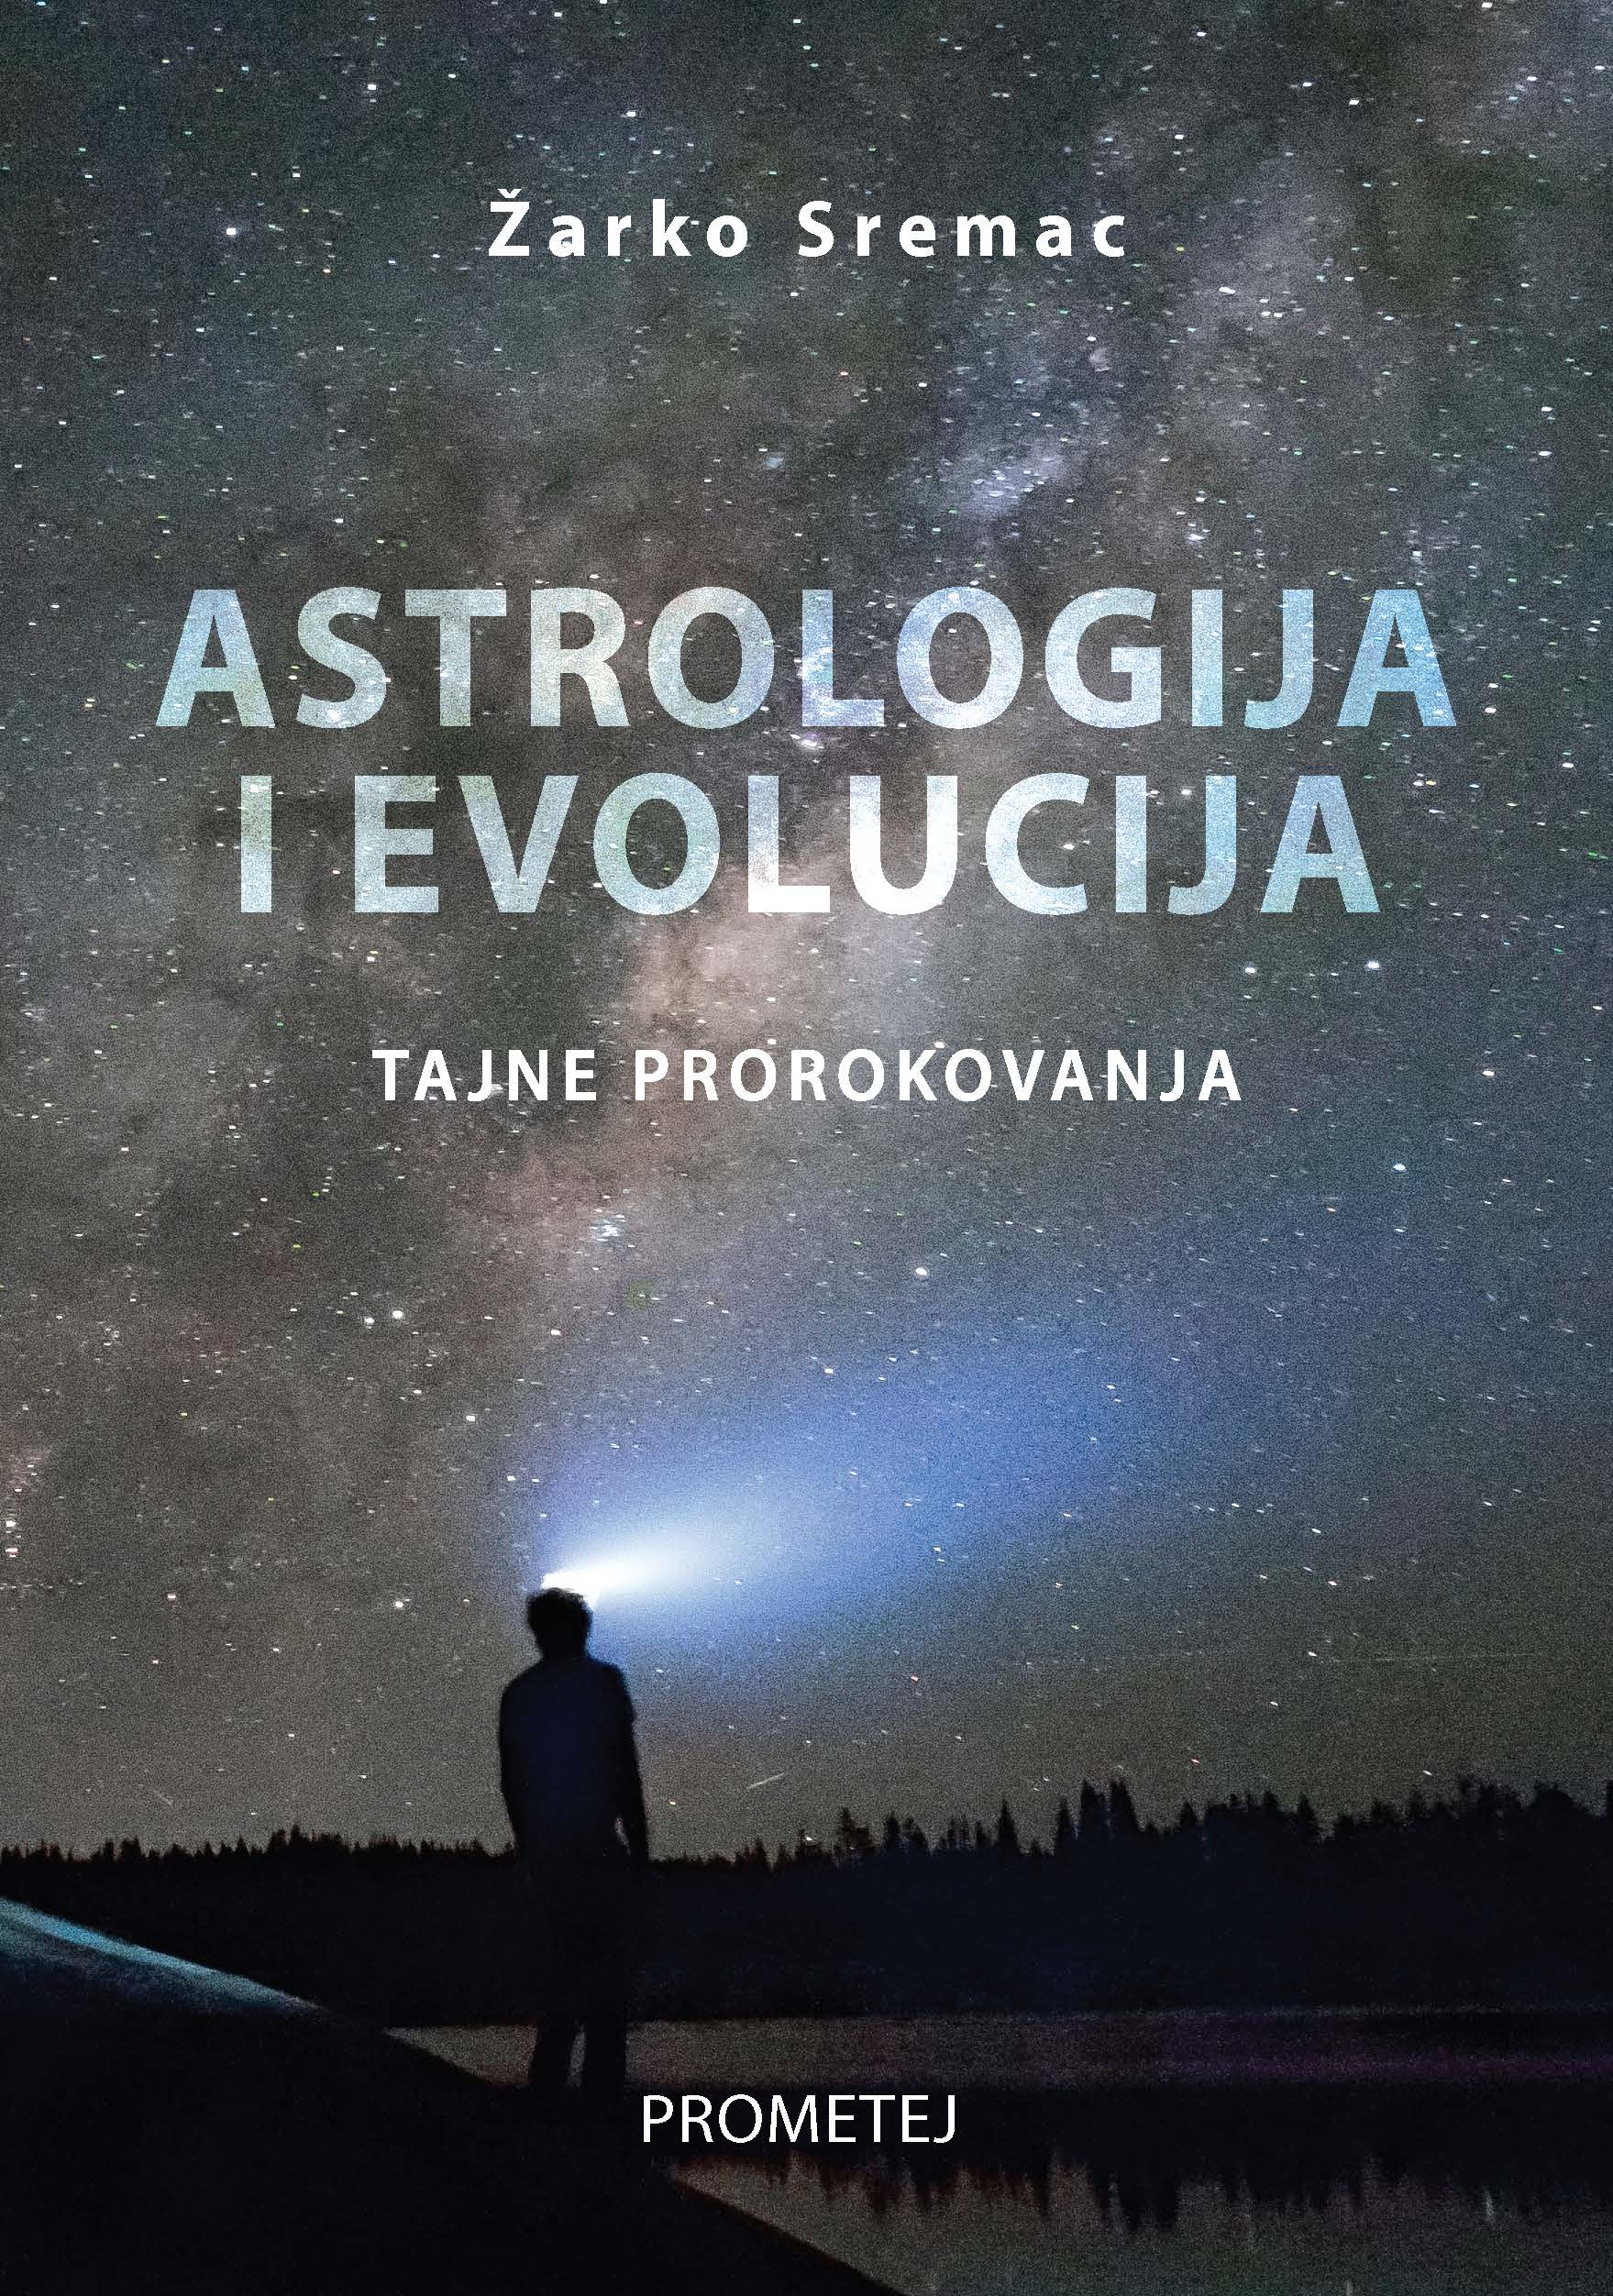 Astrologija i evolucija – tajne prorokovanja